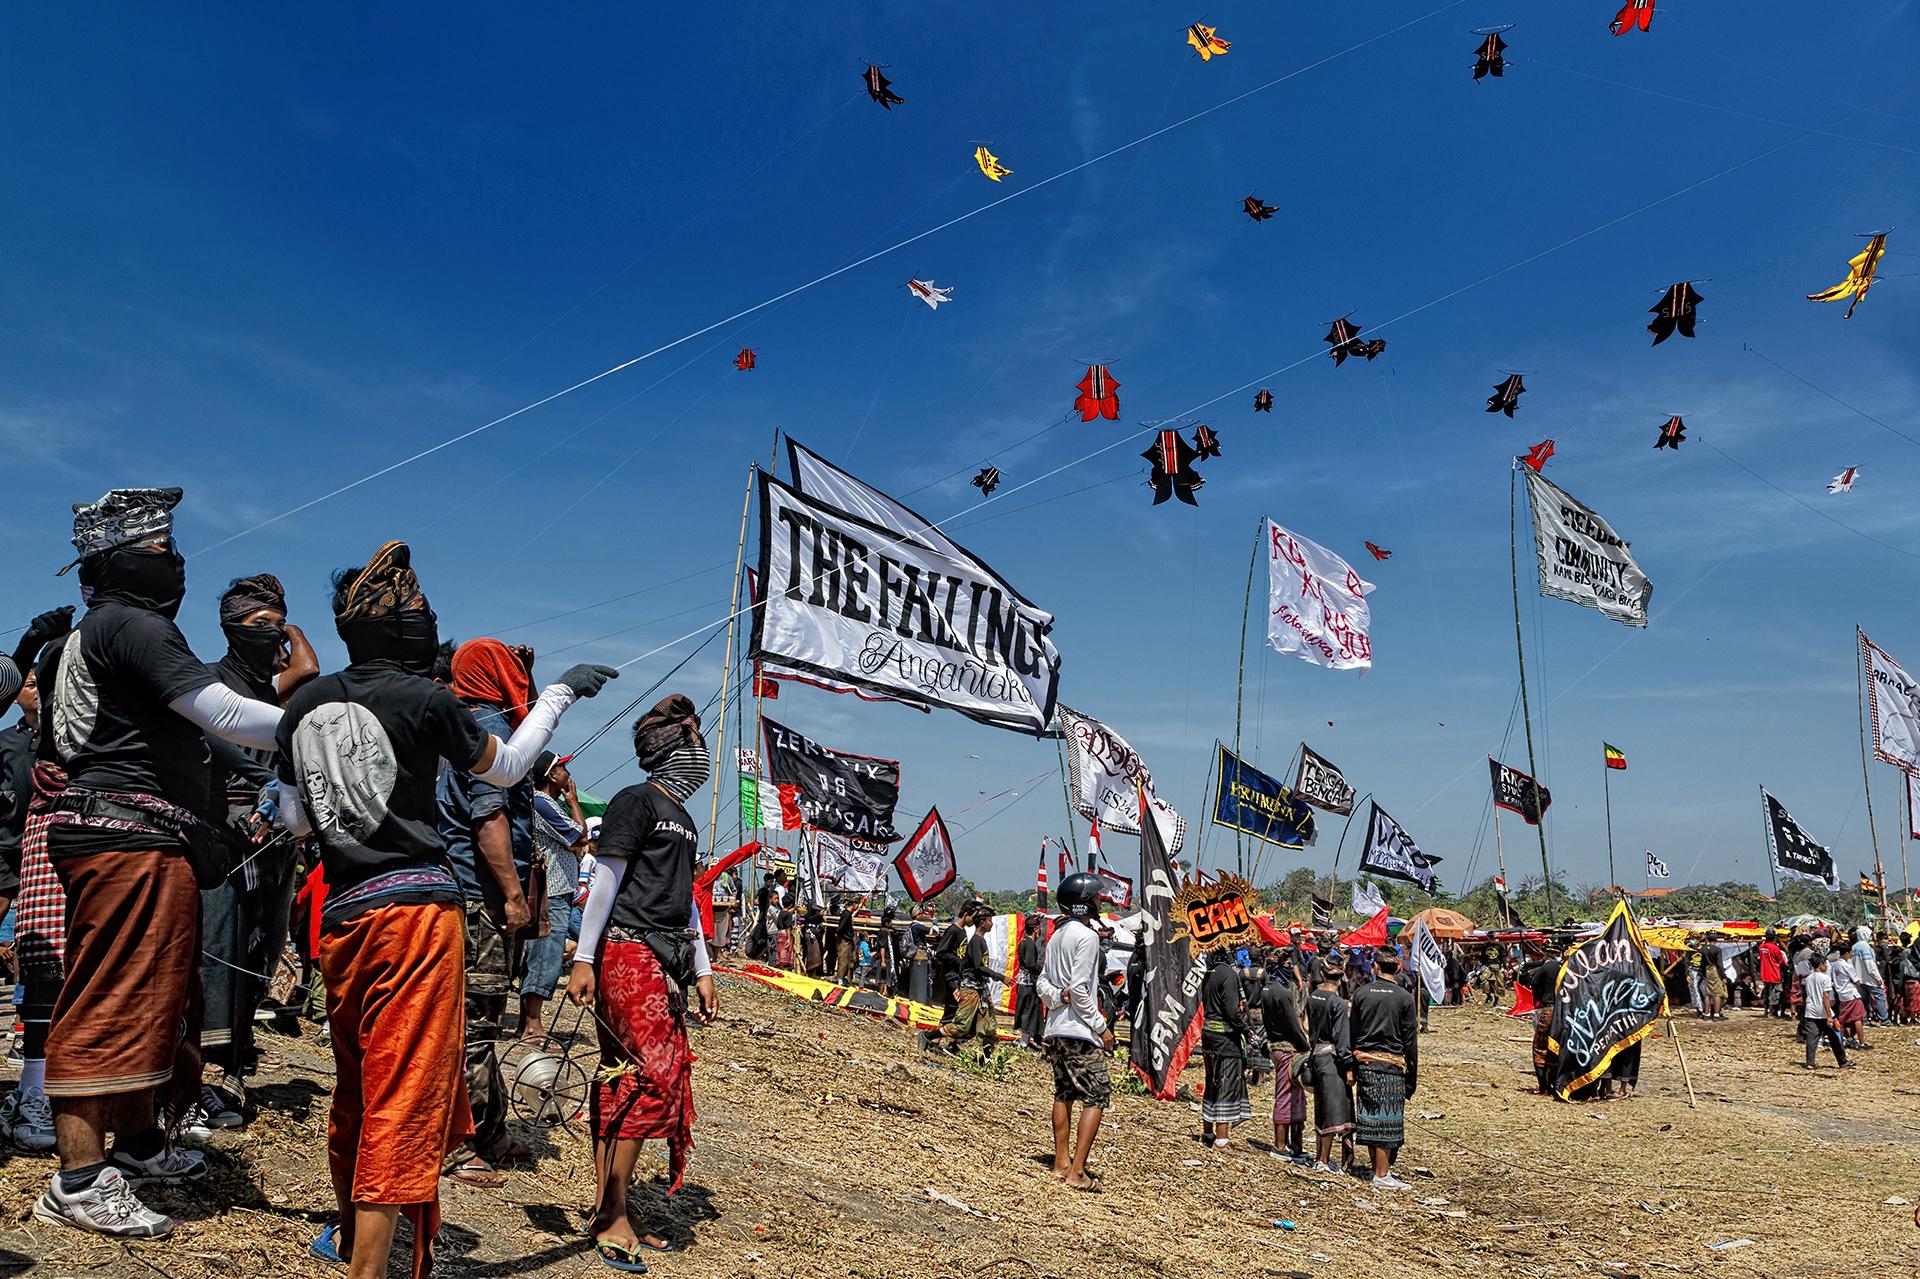 padanggalak-kite-festival-2